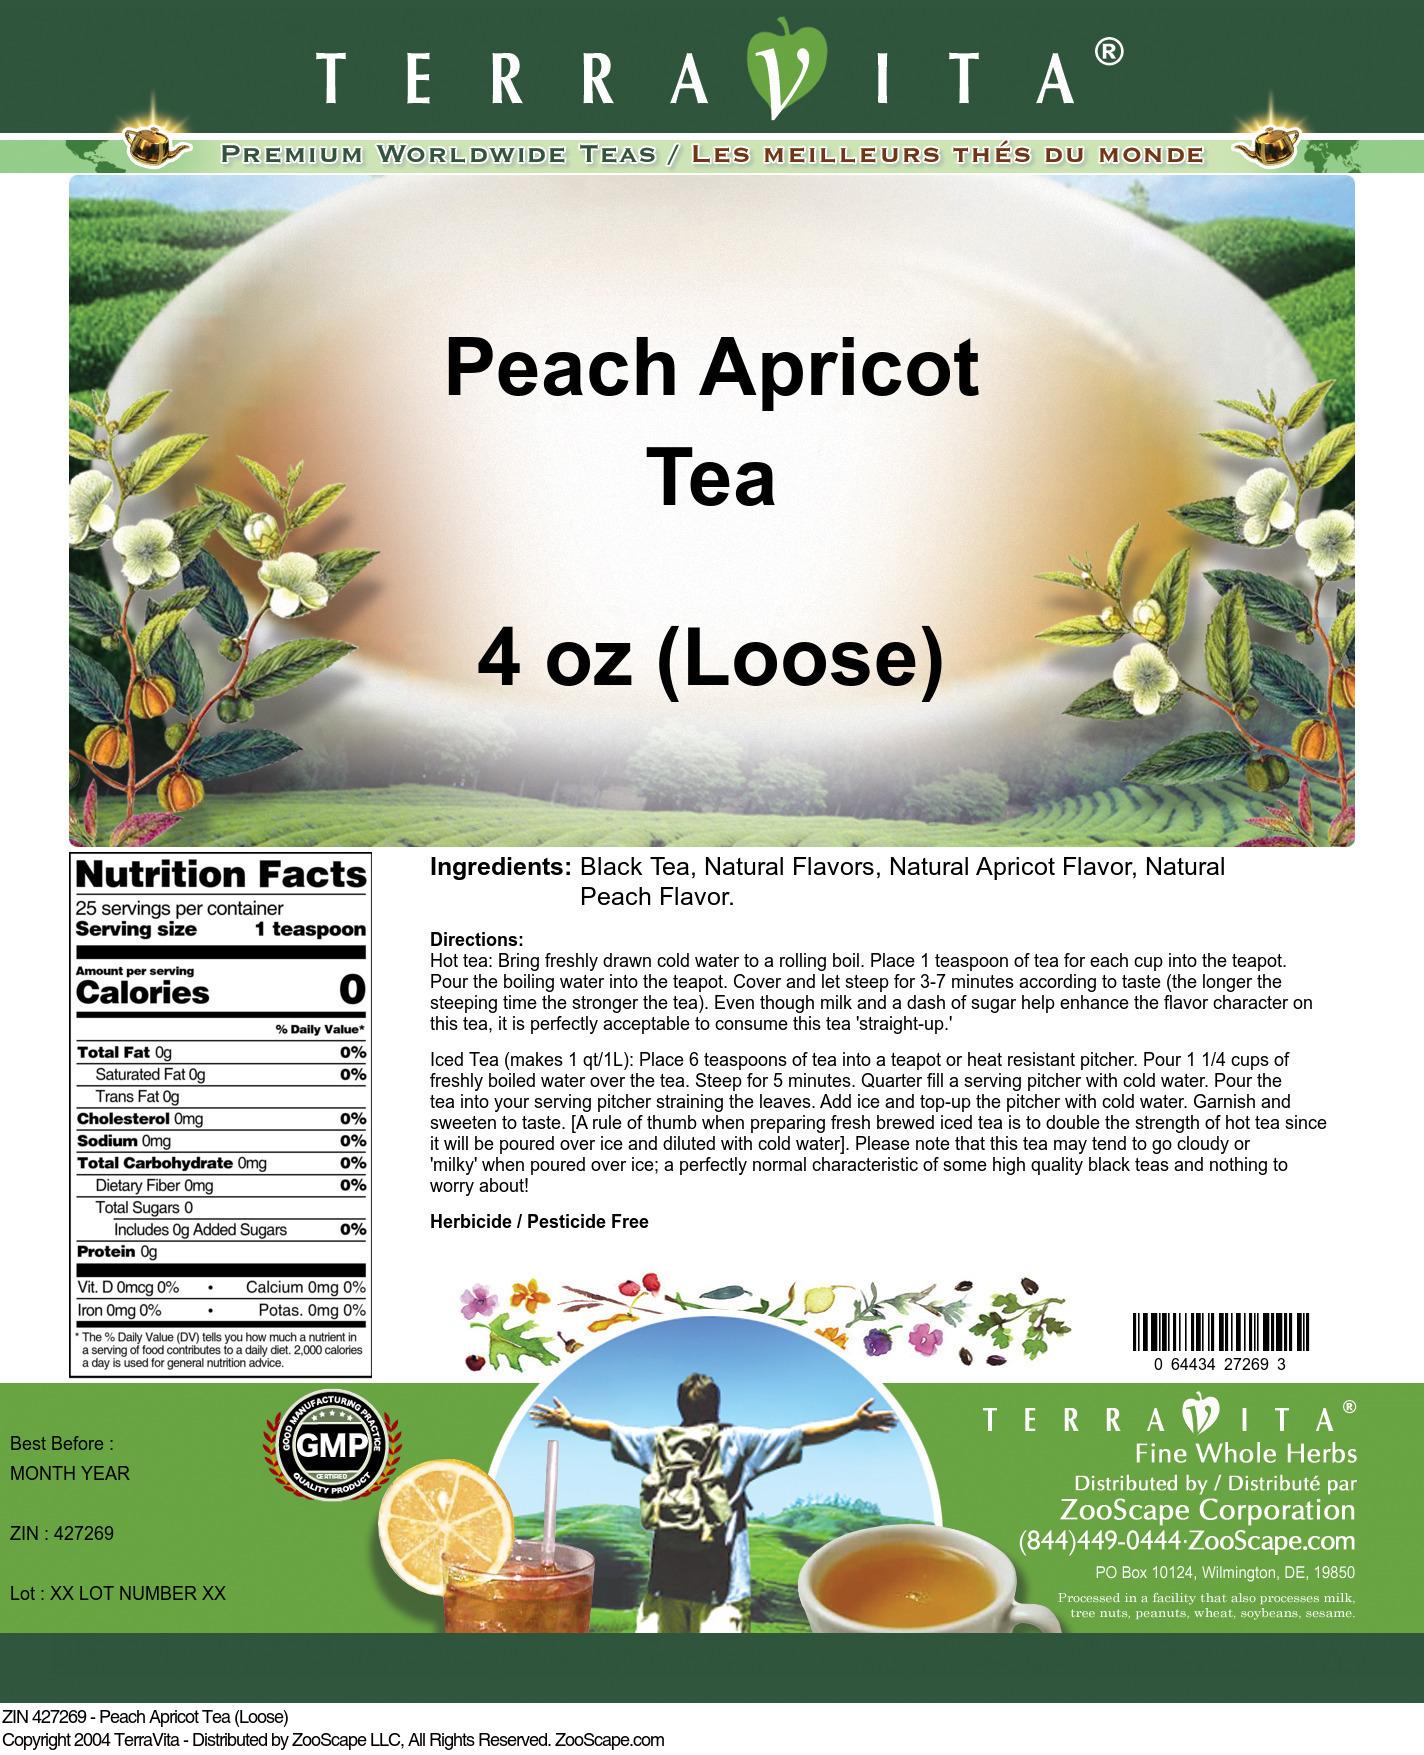 Peach Apricot Tea (Loose)